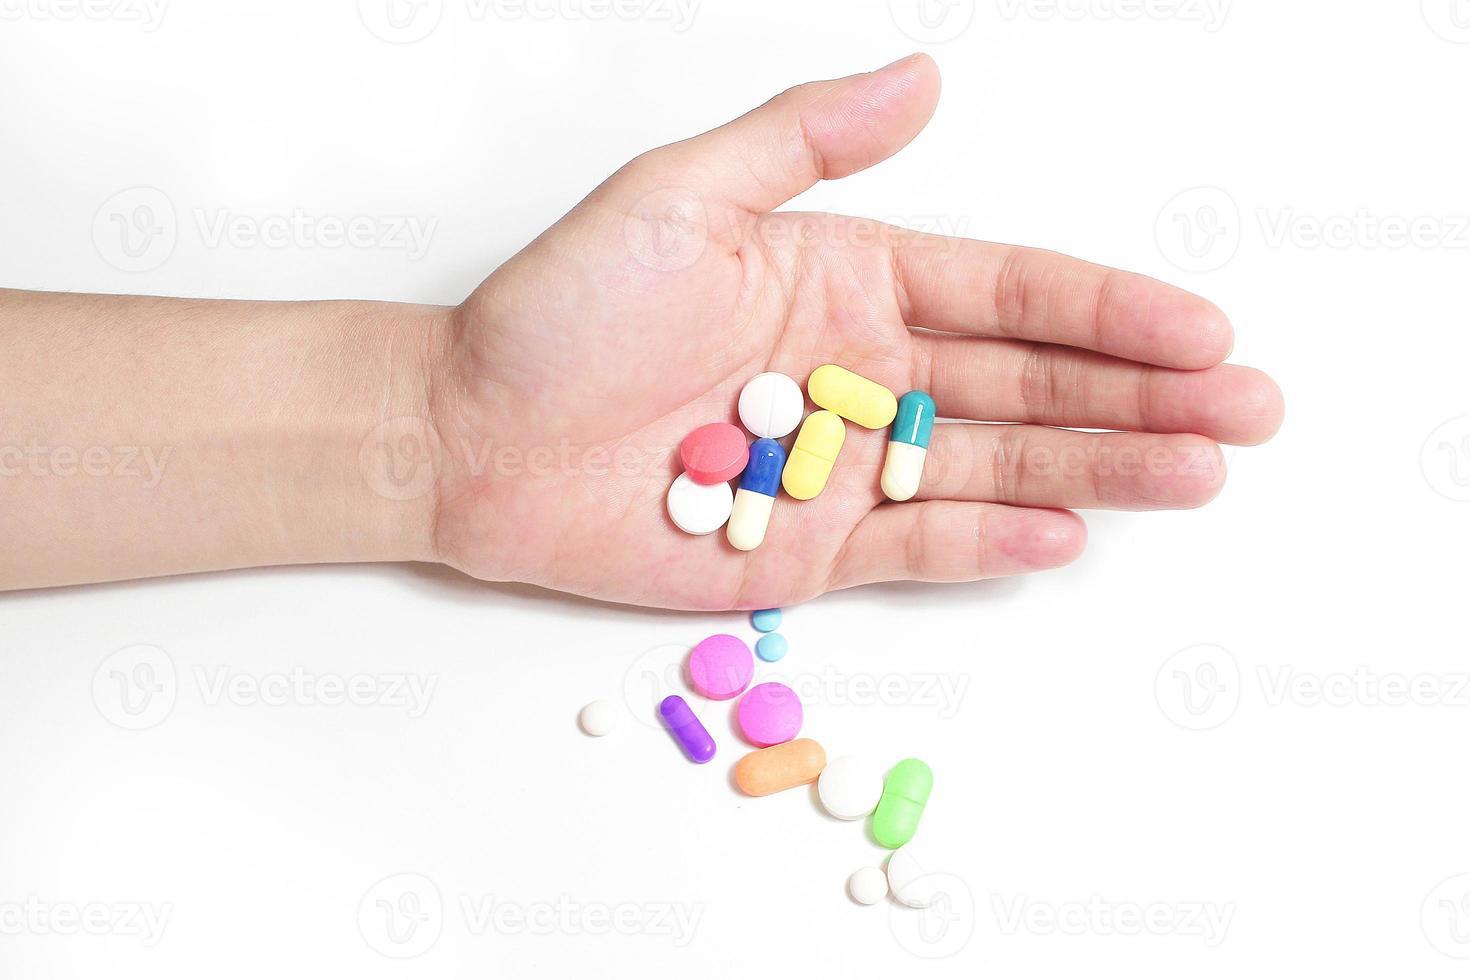 Asimiento de la mano muchos medicamentos, cajas de medicamentos en el fondo foto